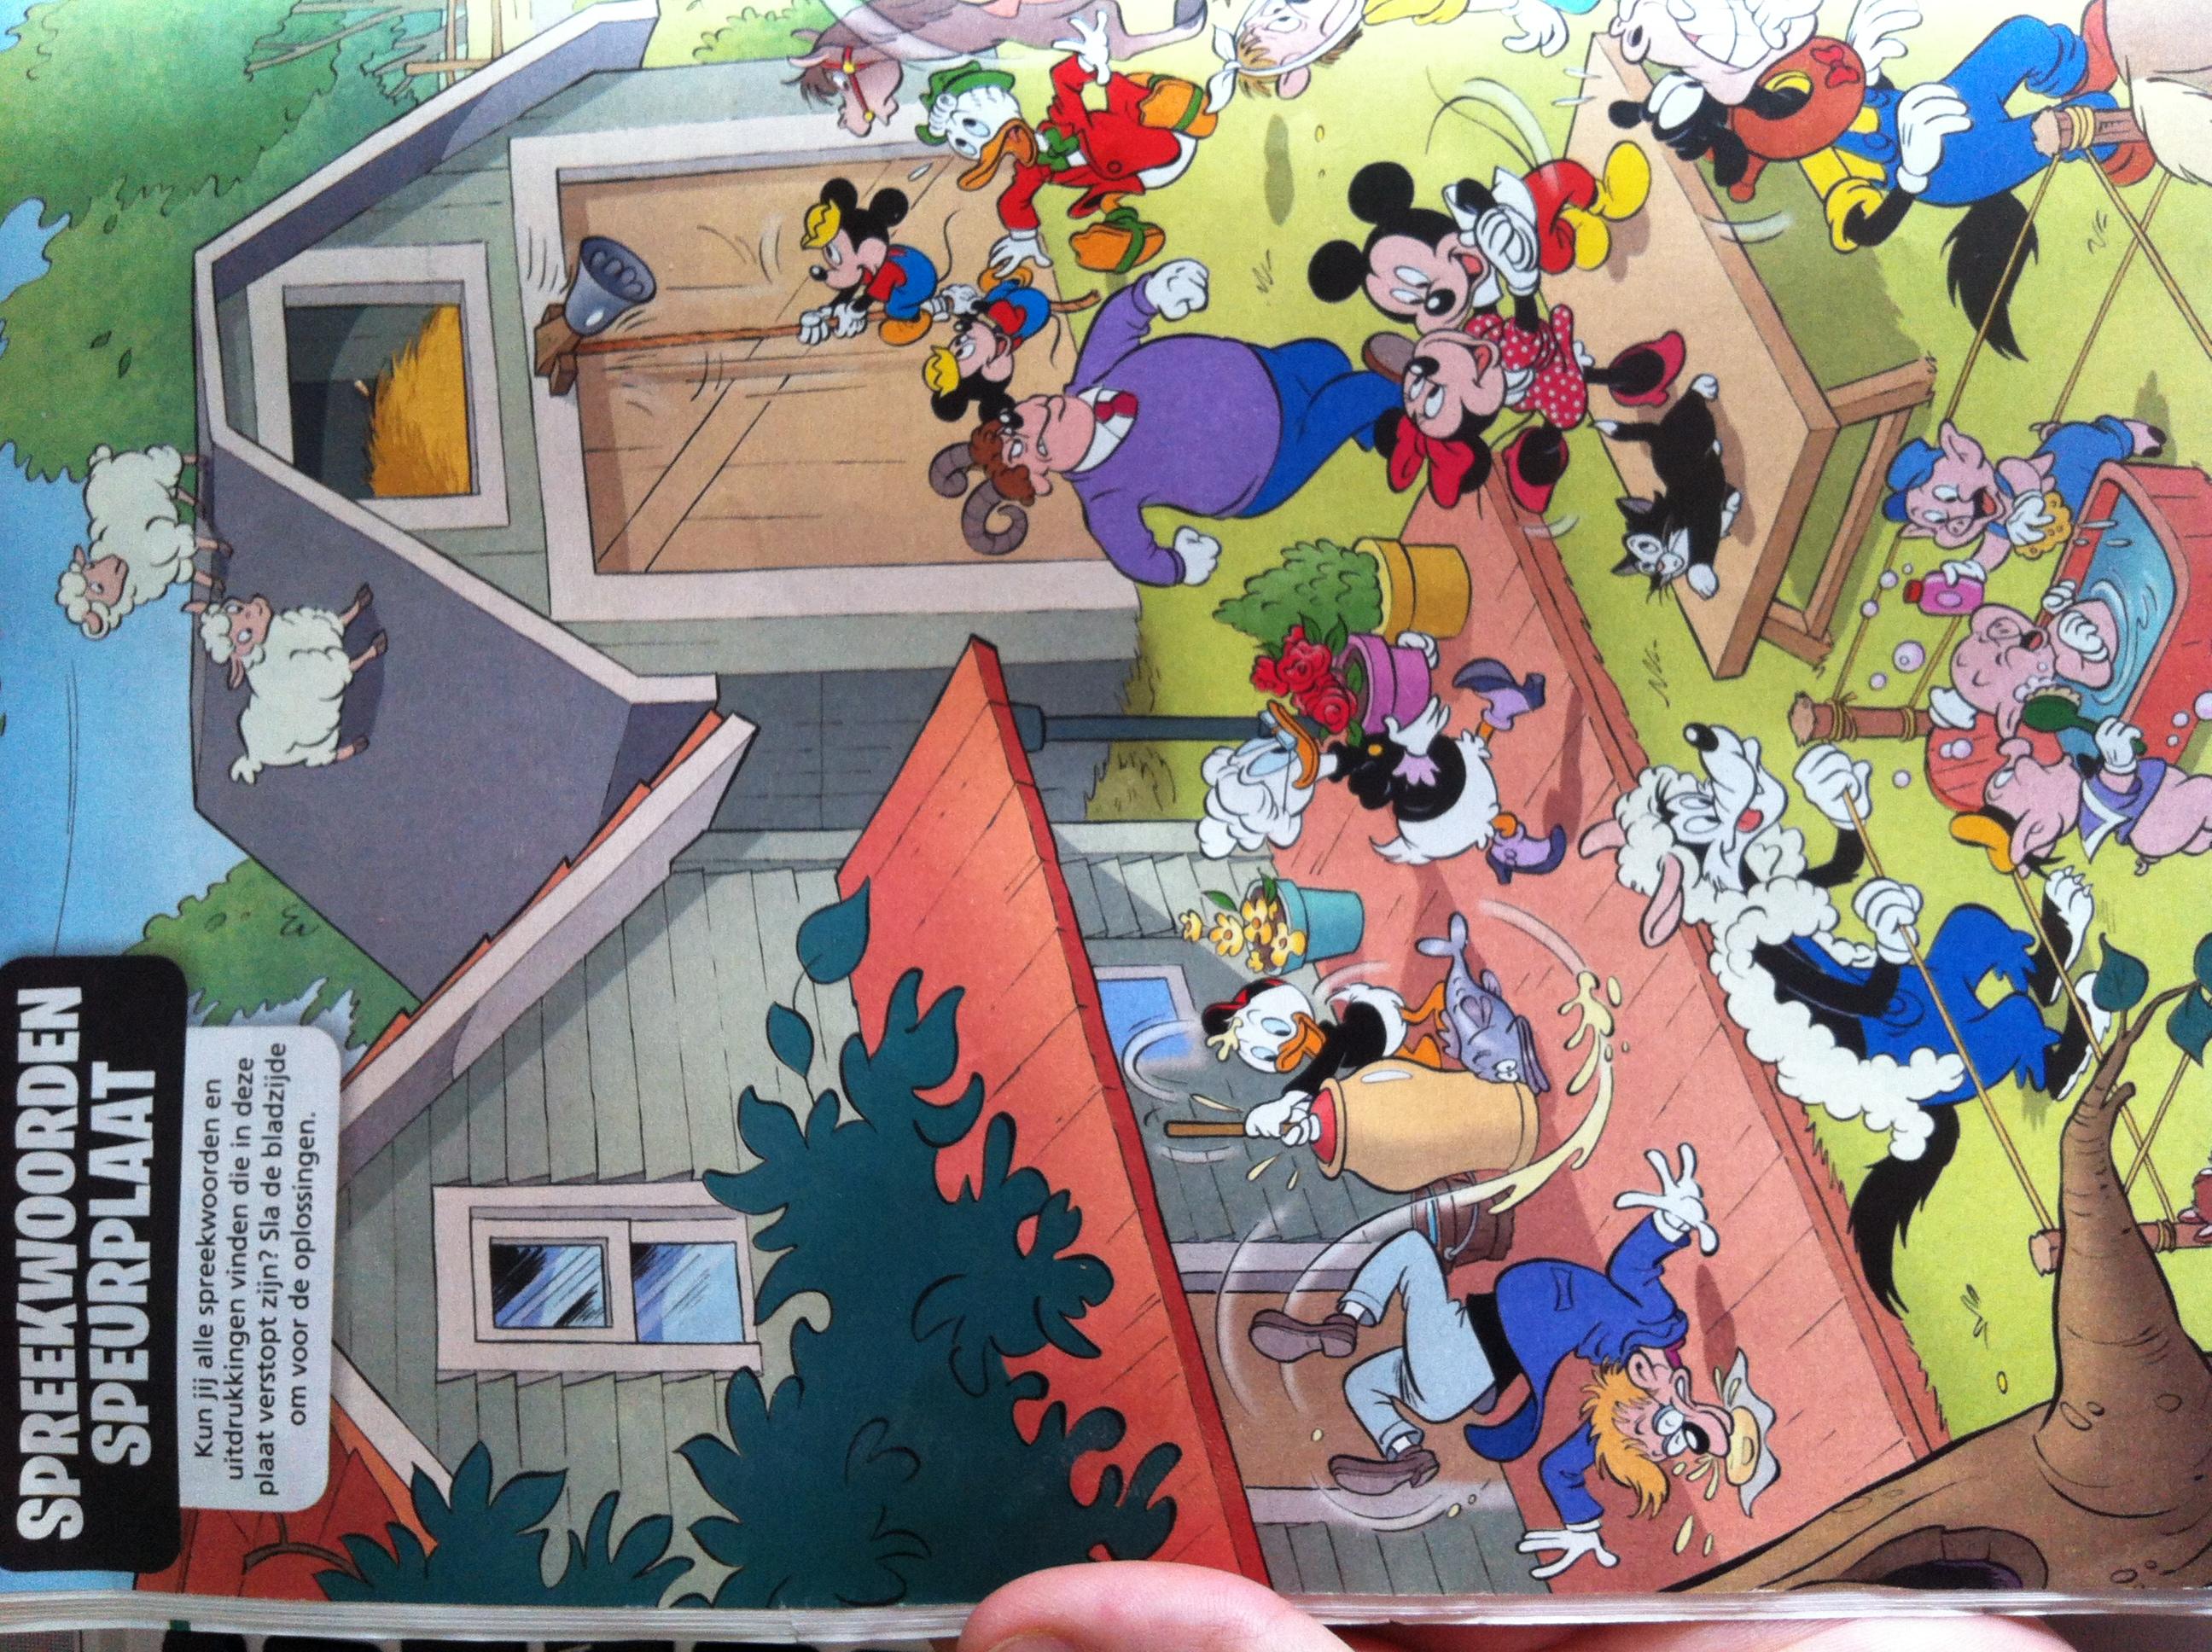 Kleurplaten Kleine Donald Duck.Spreekwoorden Kleurplaat Donald Duck Antwoorden Krijg Duizenden